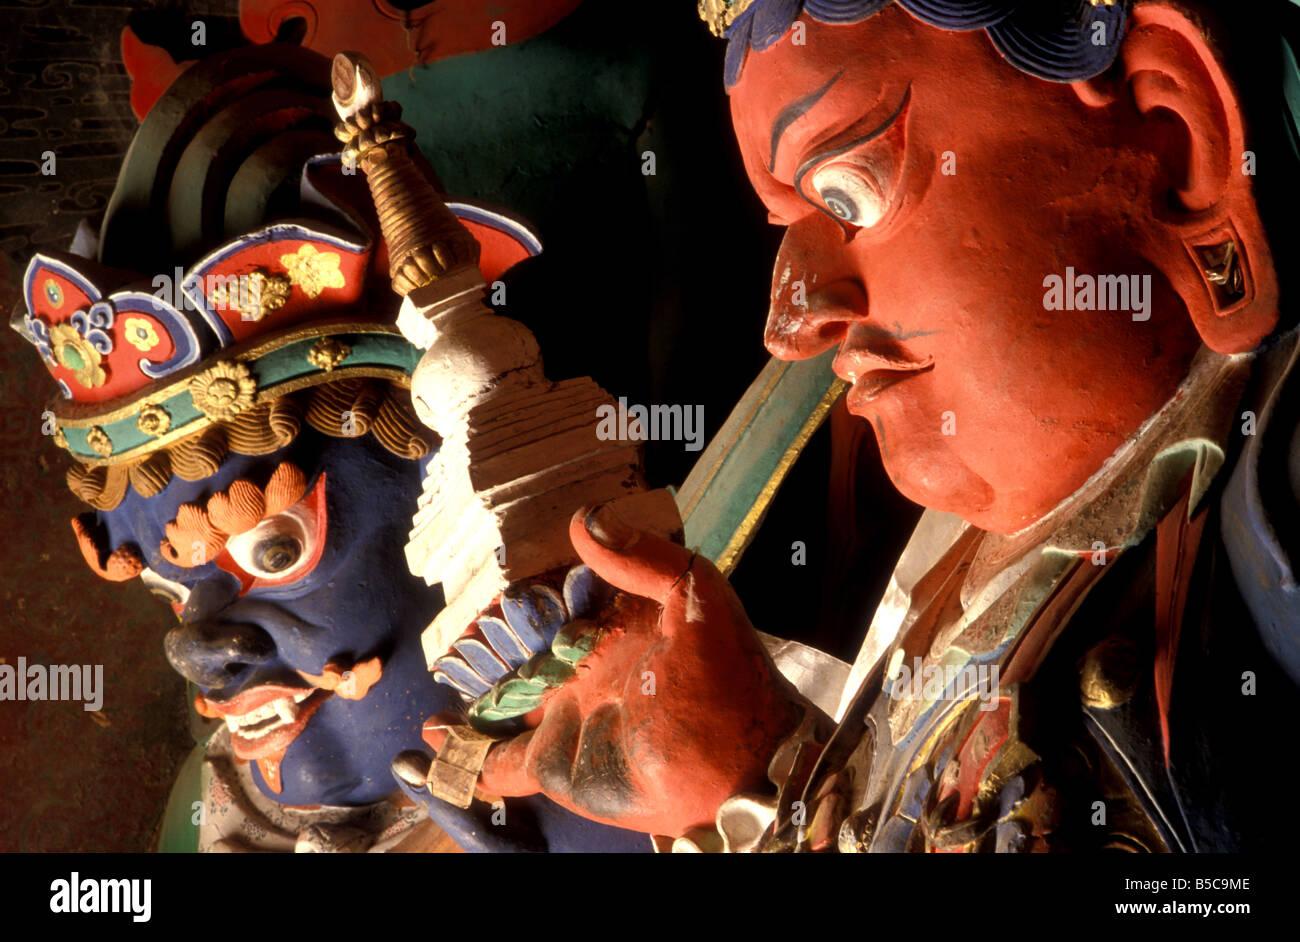 gyantse kumbum tibet - Stock Image